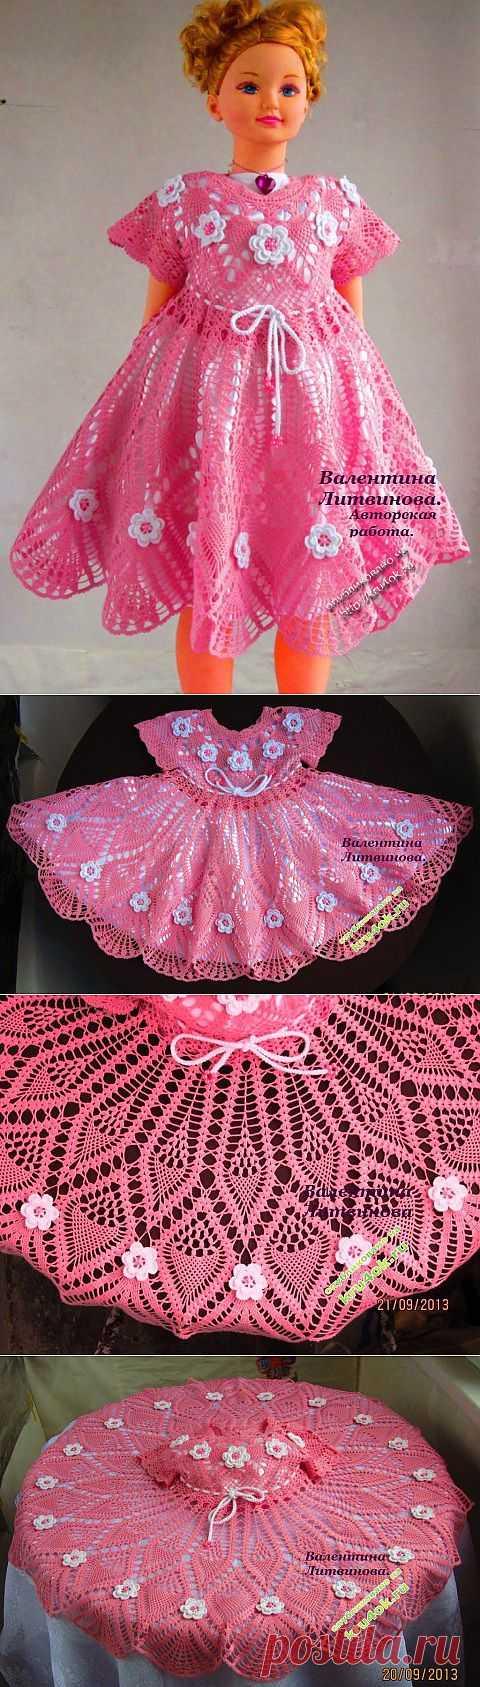 Авторское платье для девочки связанное крючком со схемами - вязание крючком на kru4ok.ru